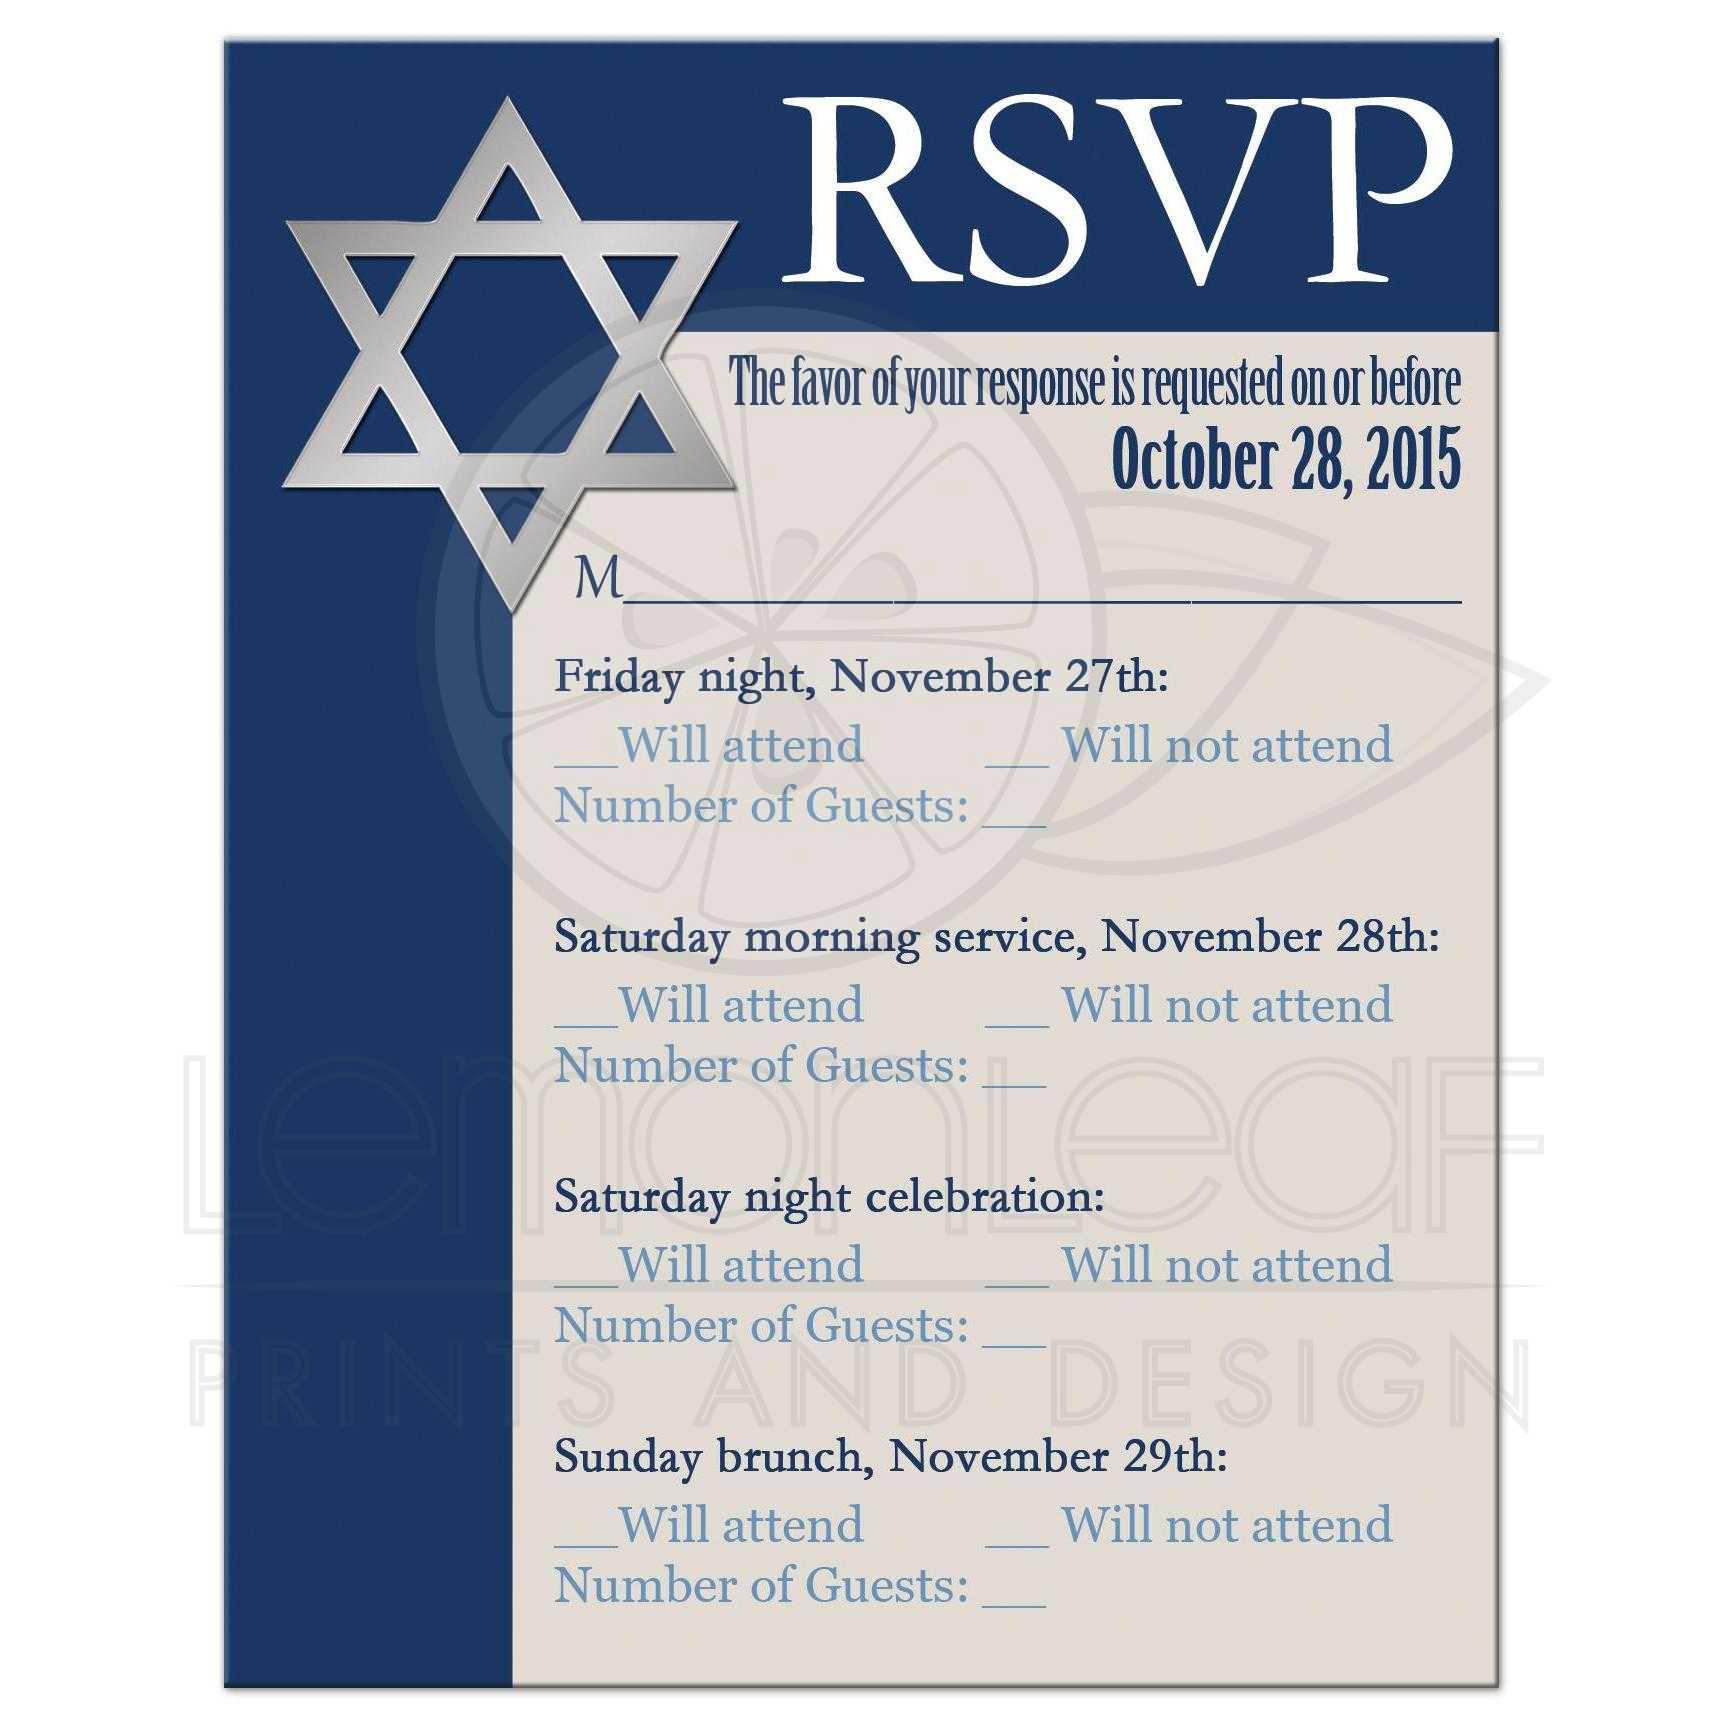 Bar Mitzvah RSVP Card | Royal Blue, Tan, White | Star of David